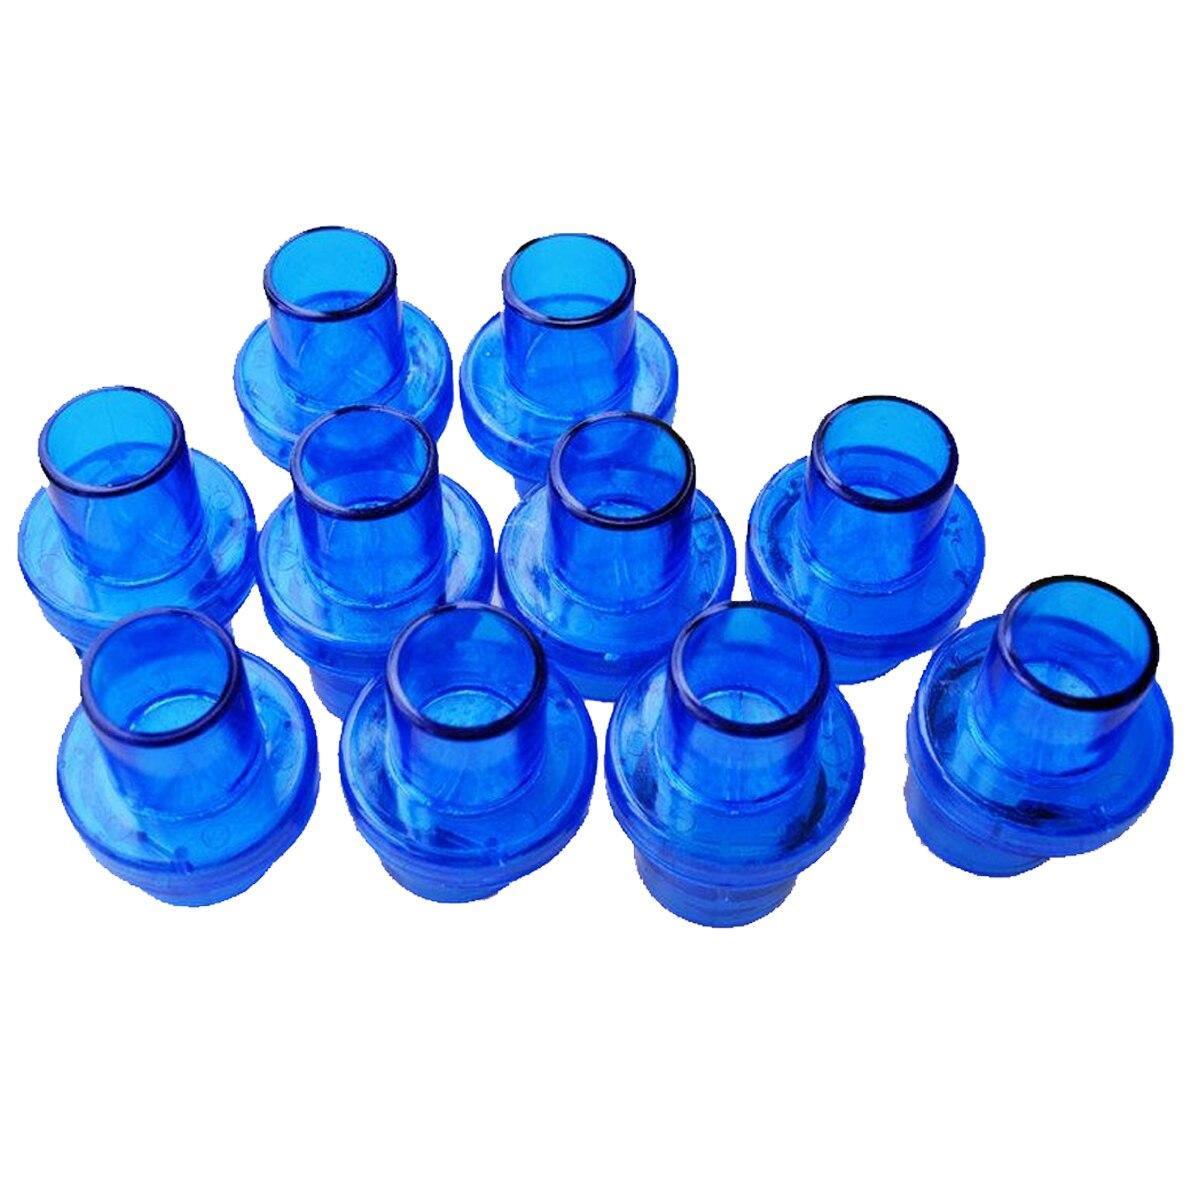 100 шт./упак. КПП обучение маска клапан с односторонним клапан w/фильтр первой помощи спасения практике устройство Цвет синий диаметром 22 мм